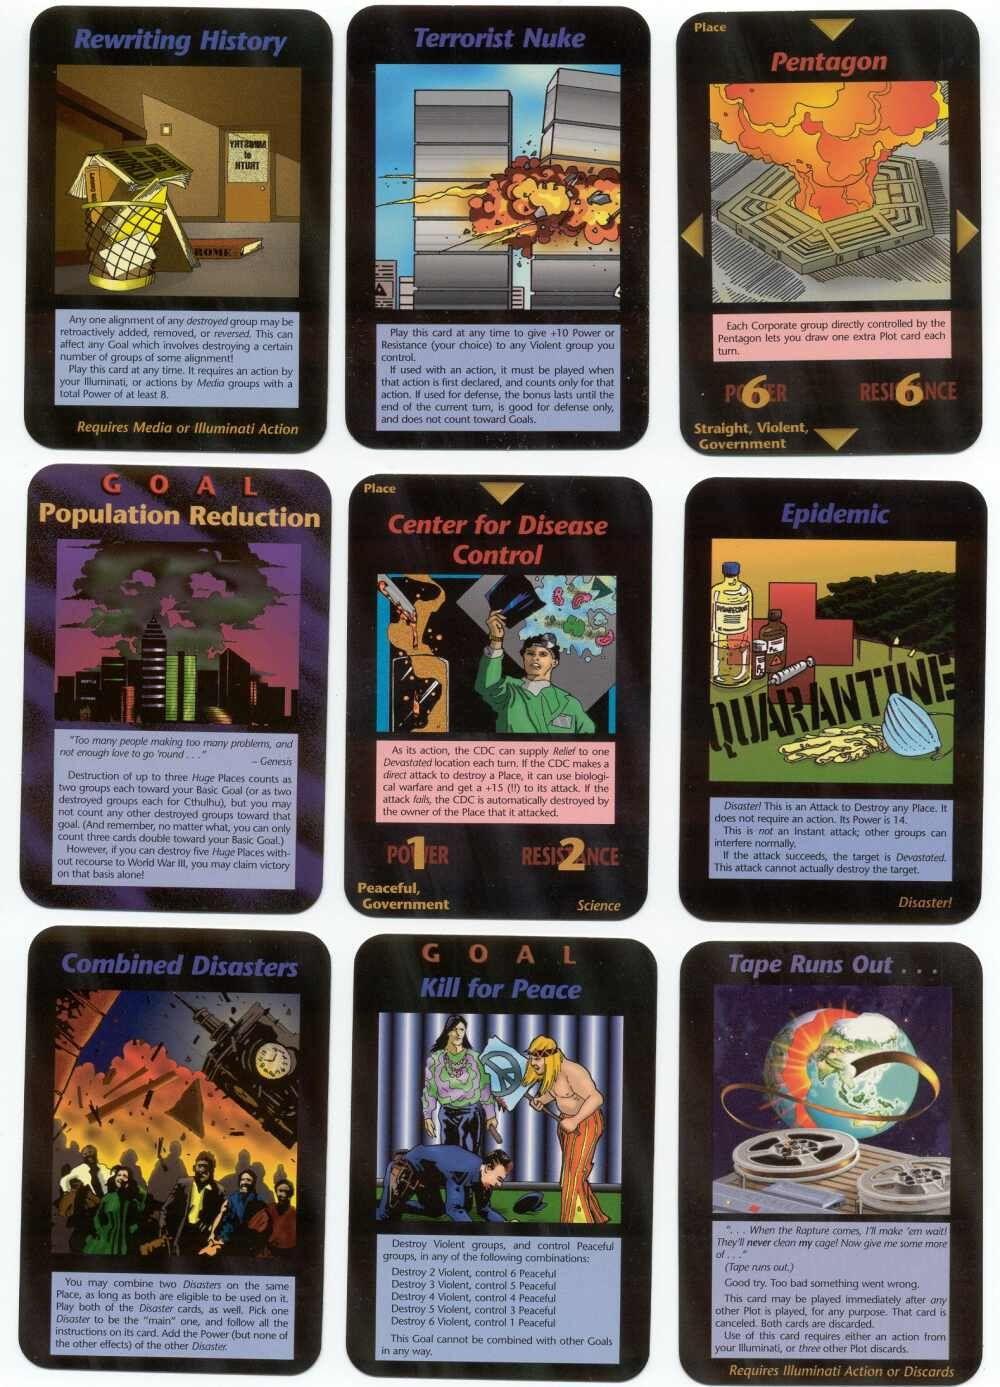 Illuminati playing cards photos you decide 911 hoax illuminati playing cards photos biocorpaavc Choice Image